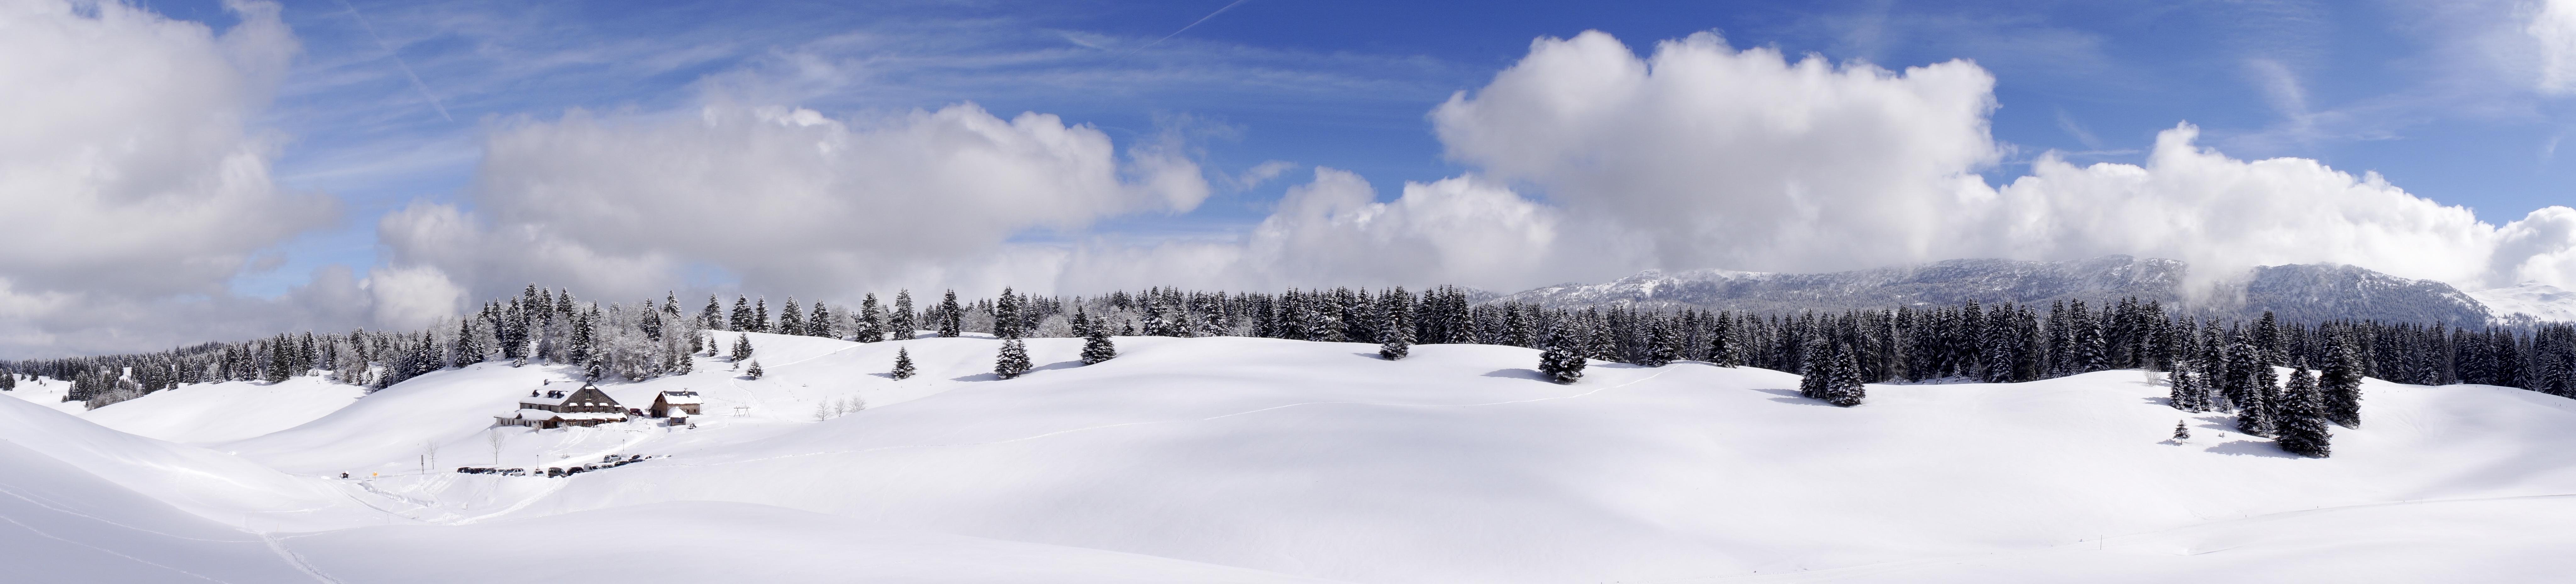 Hautes combes neige - © Sophie Balaska